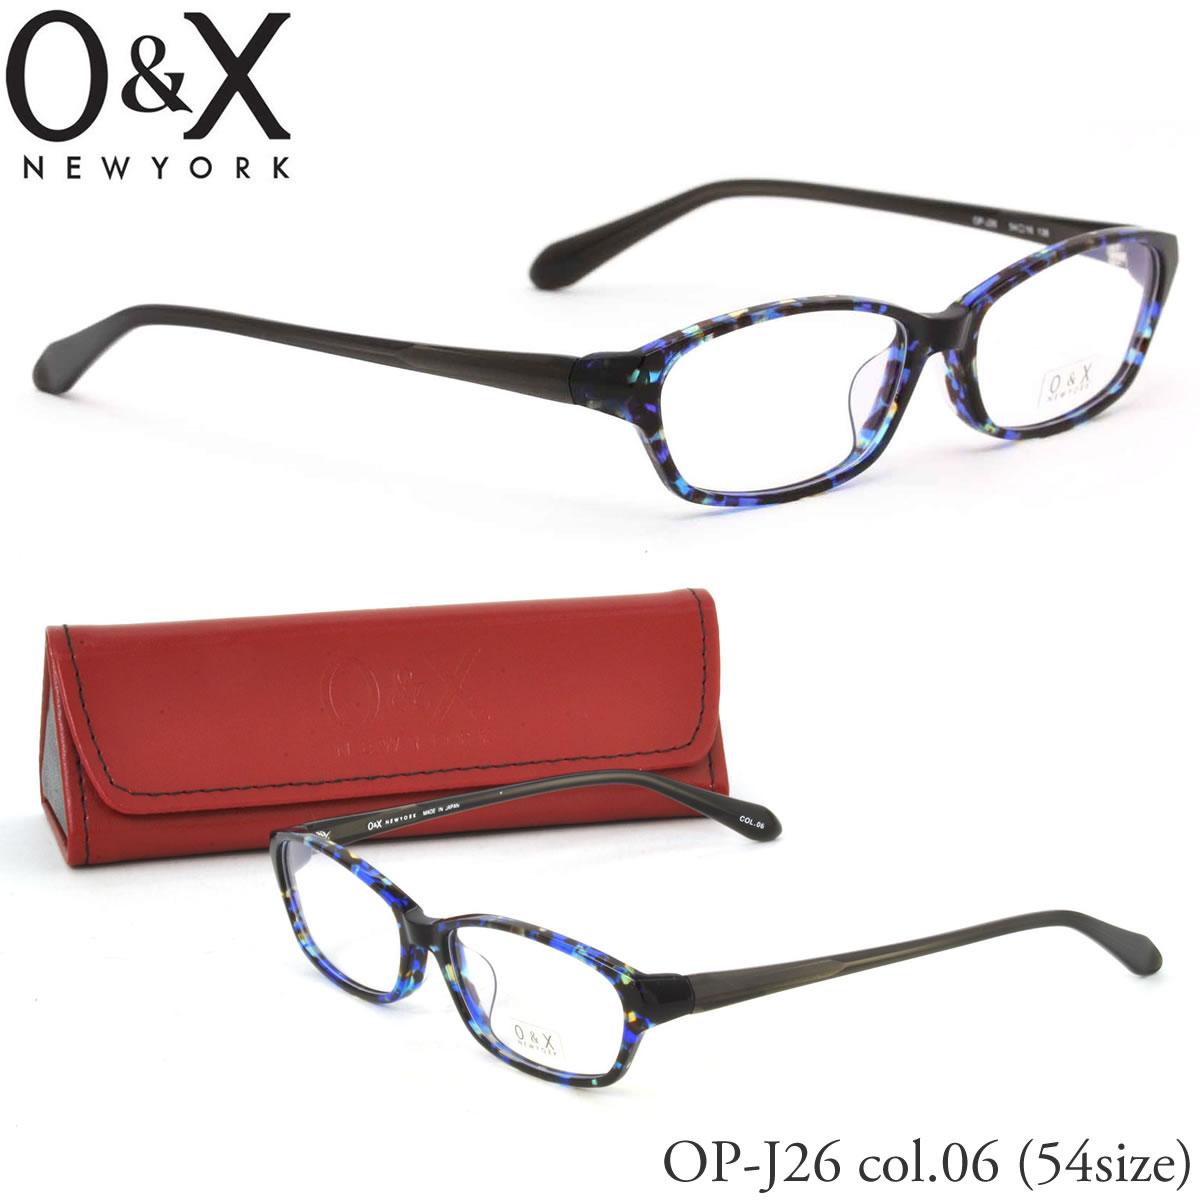 ほぼ全品ポイント15倍~最大34倍+2倍! 【O&X】(オーアンドエックス) メガネ フレーム OP J26 06 54サイズ スクエア 日本製 オーアンドエックス O&X メンズ レディース